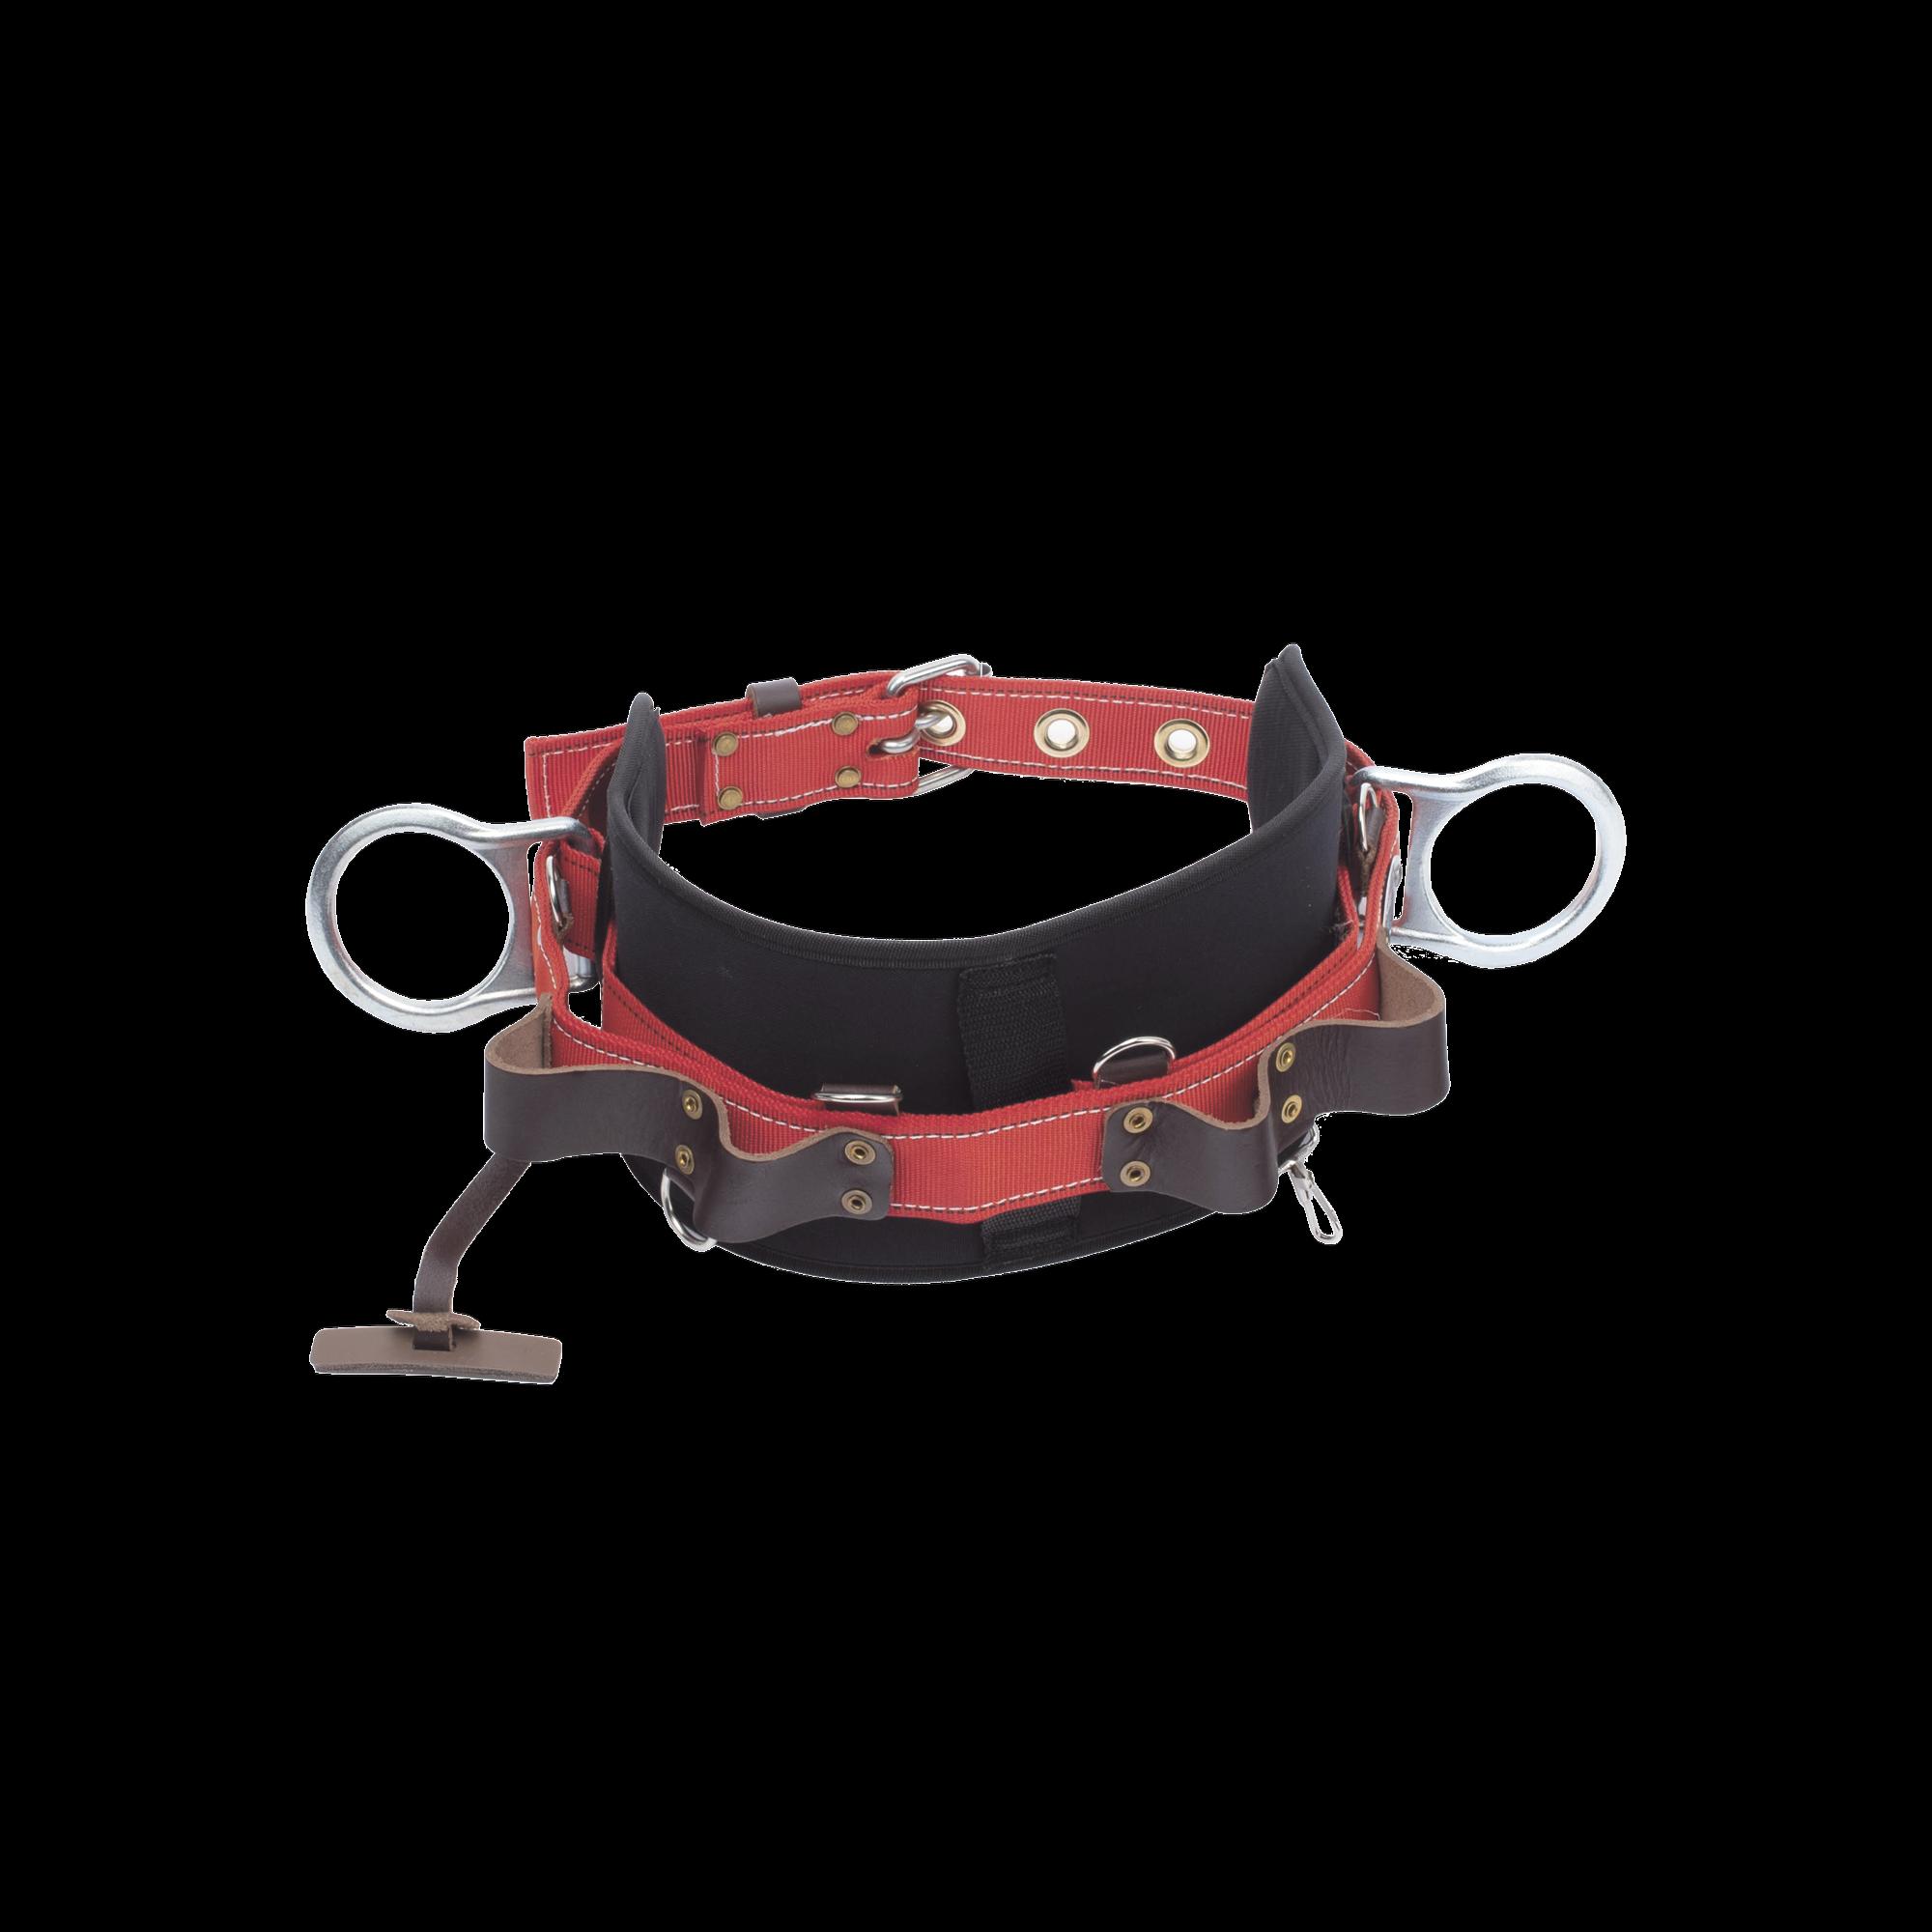 Cinturón de Liniero de Lujo, Fabricado en Poliéster, con 2 Anillos tipo D, Talla 40.